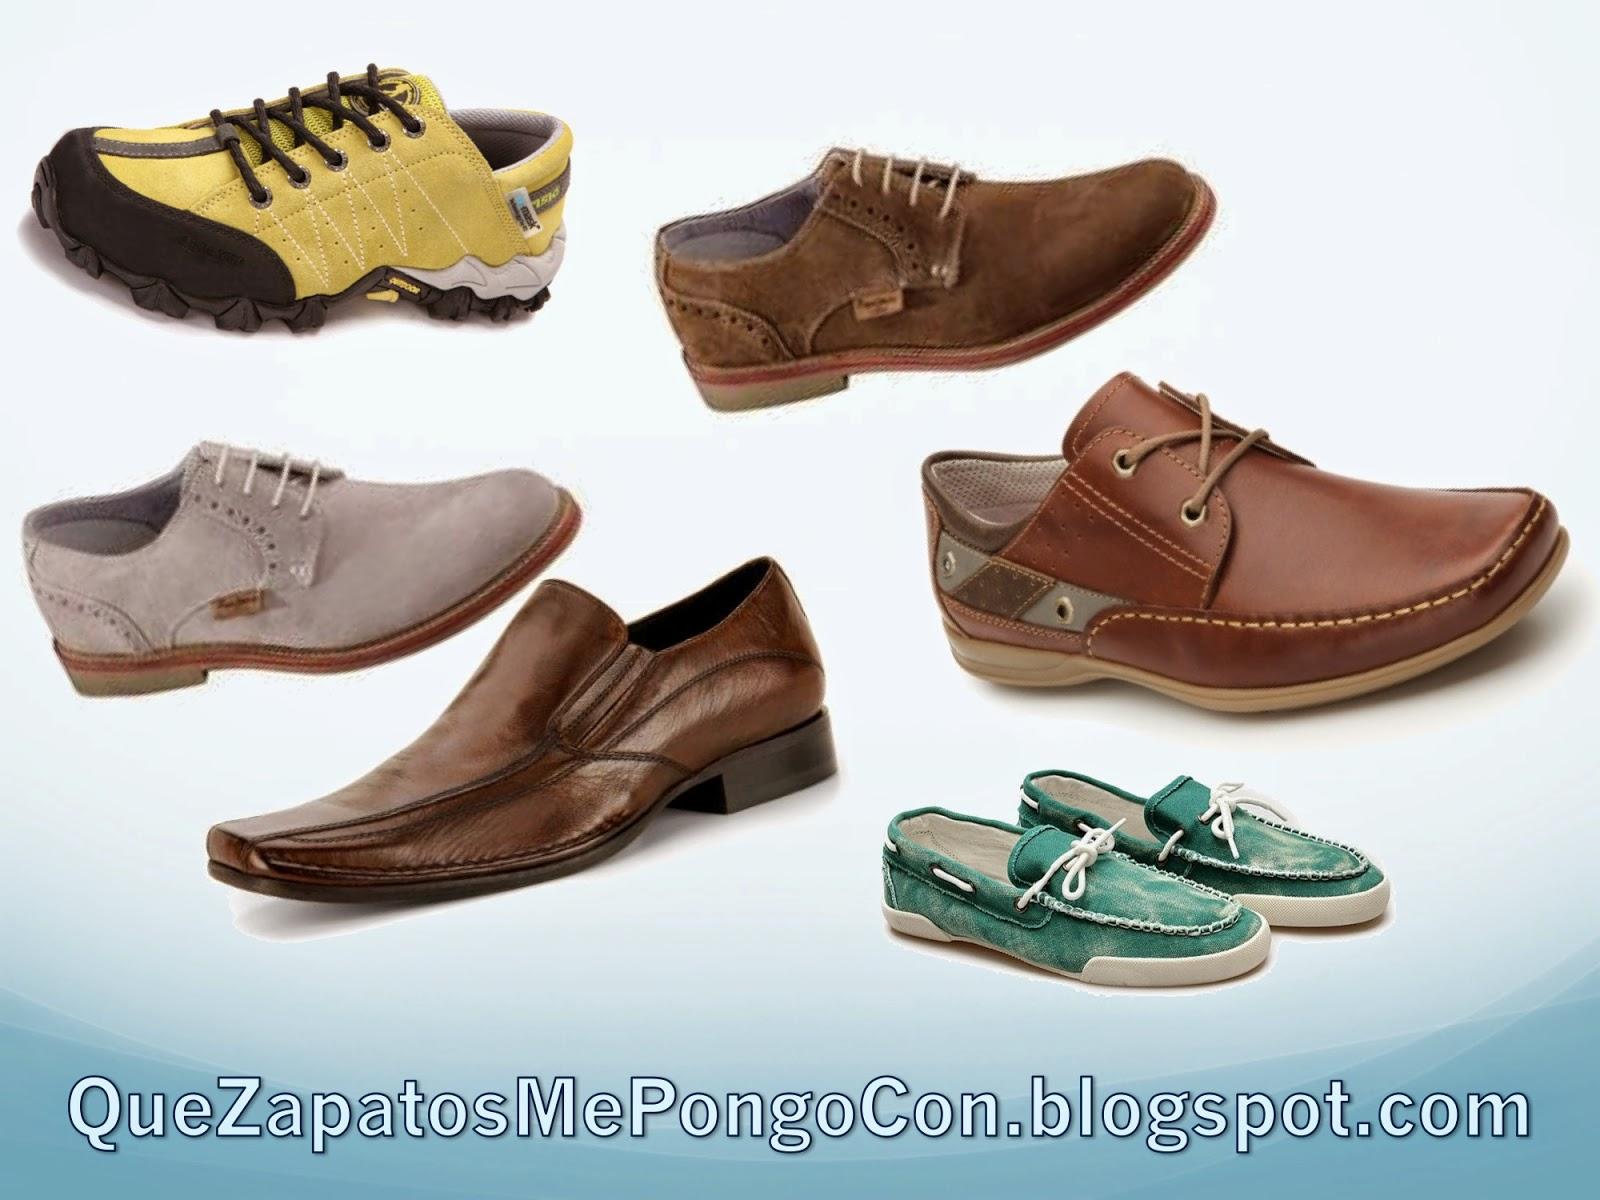 TIPS PARA USAR ZAPATOS CON JEANS - Que zapatos usar con unos vaqueros